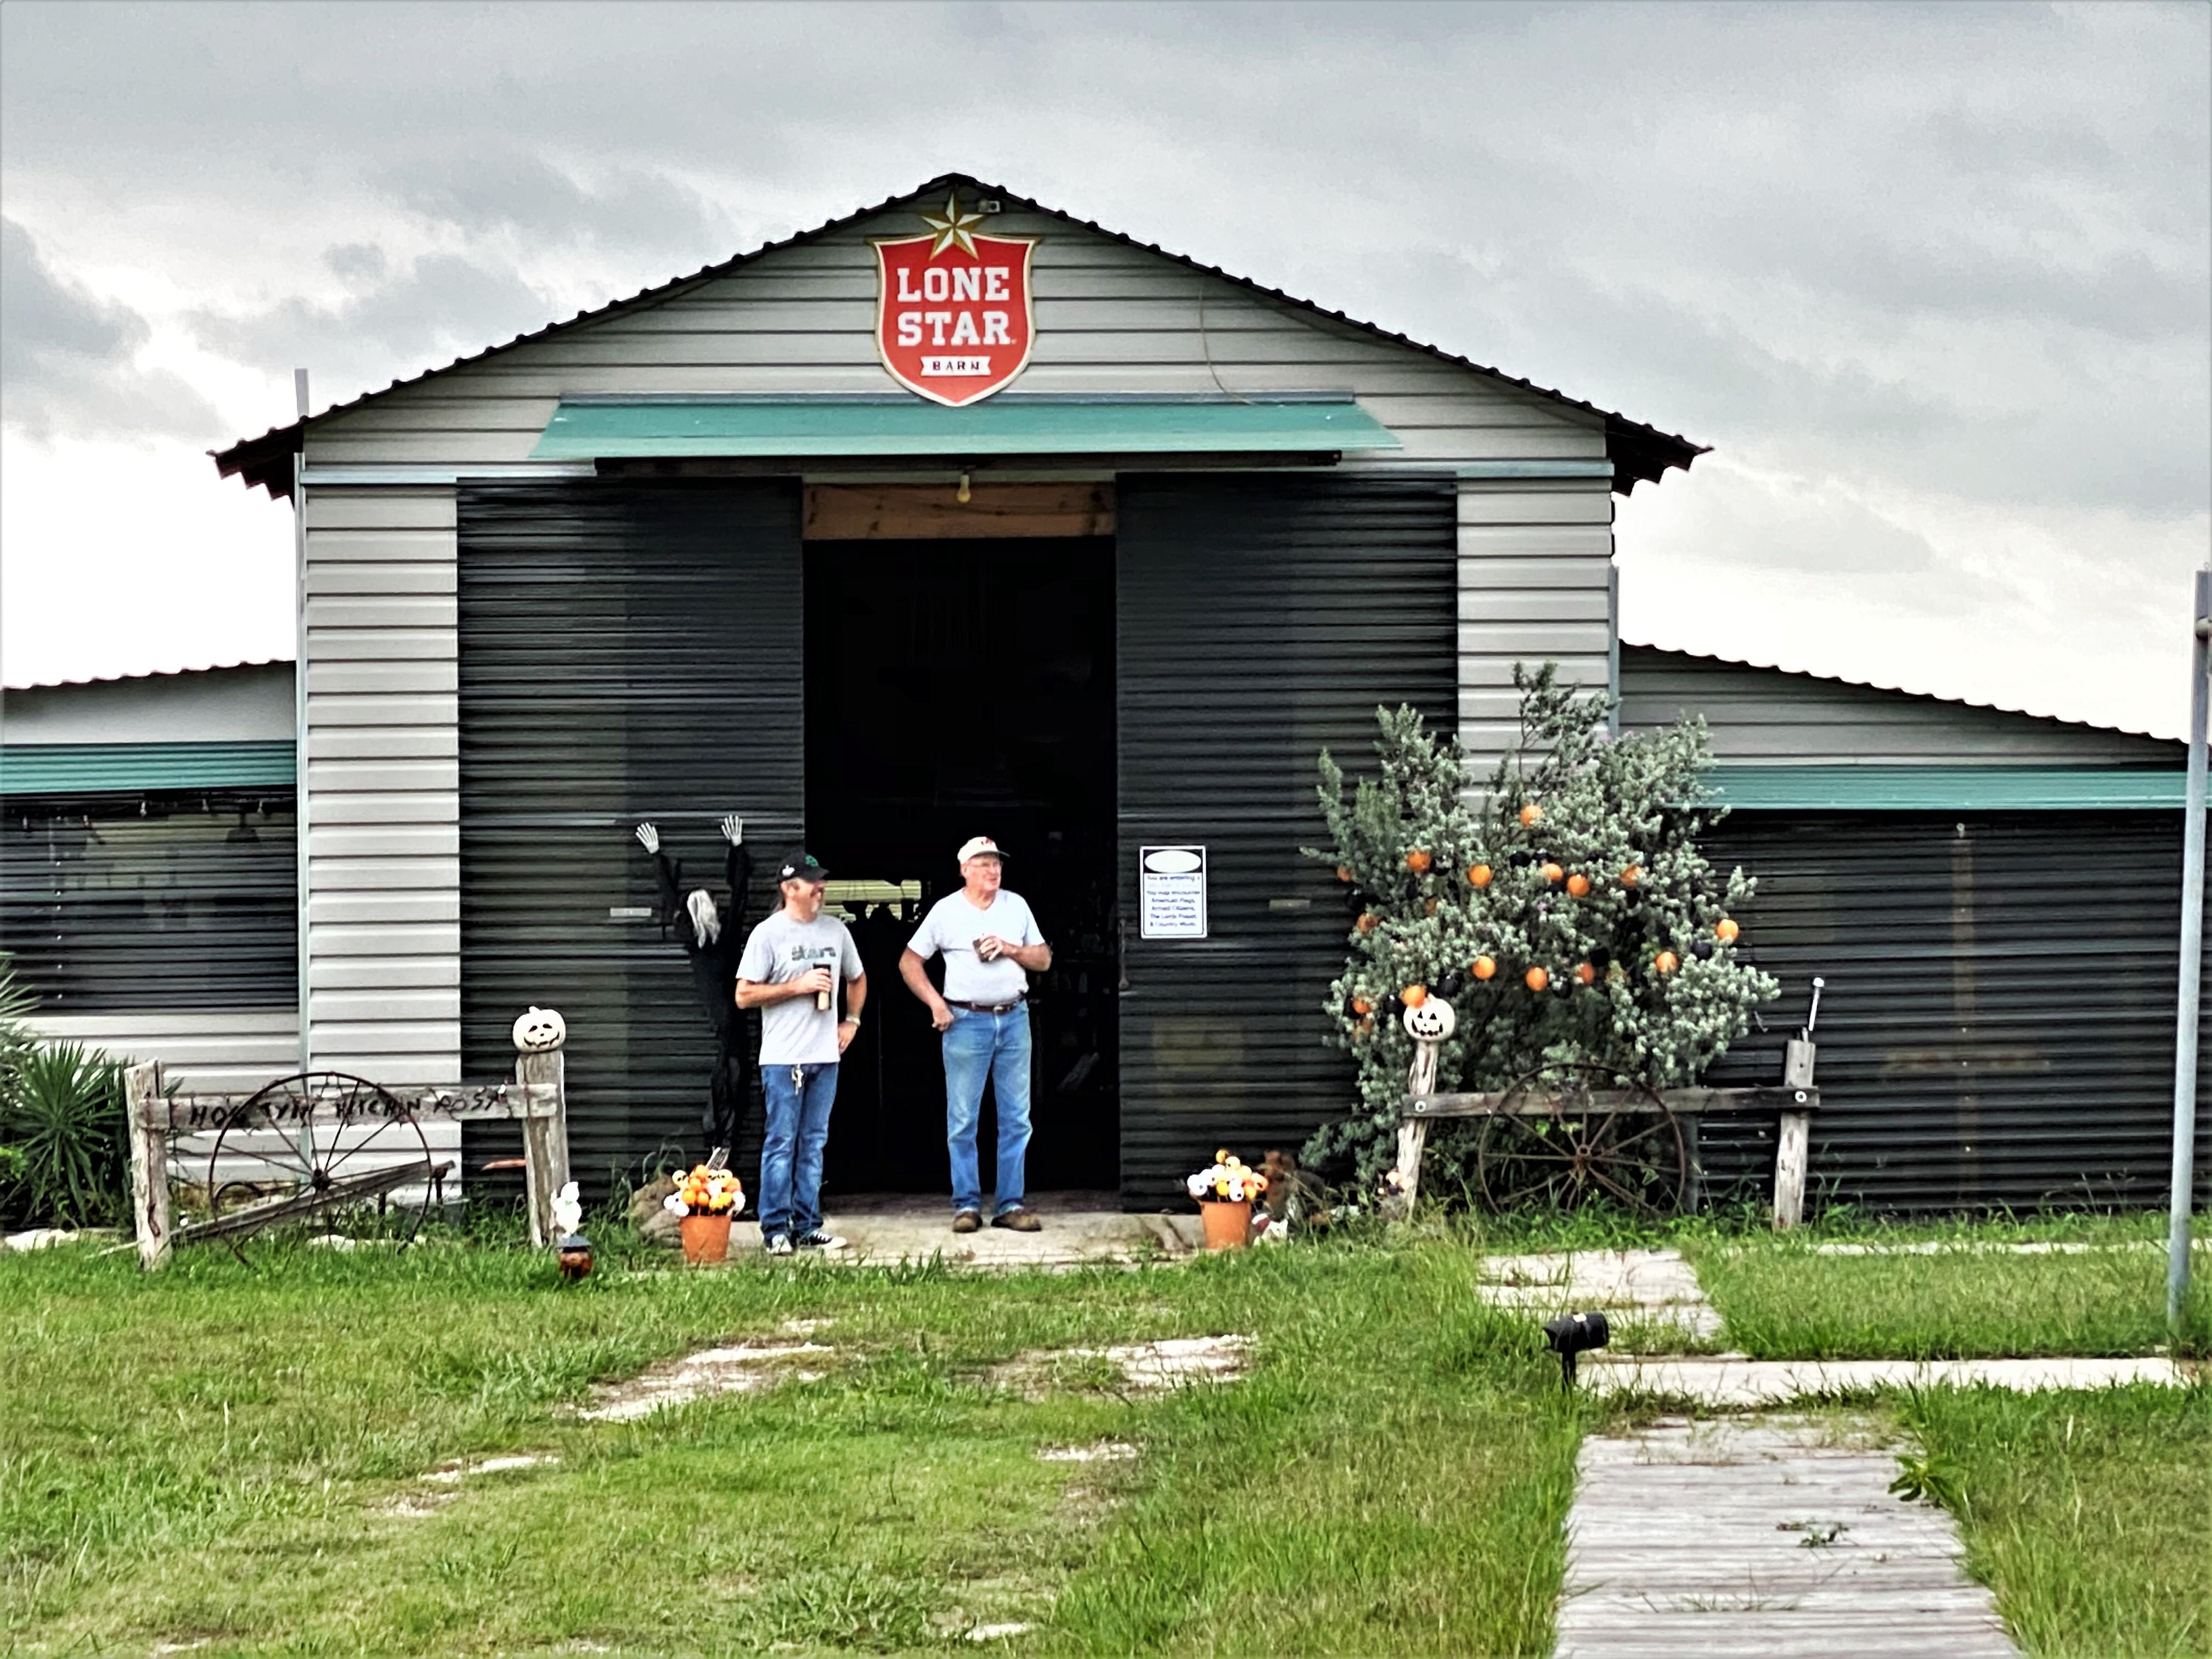 Lonestar Party Barn